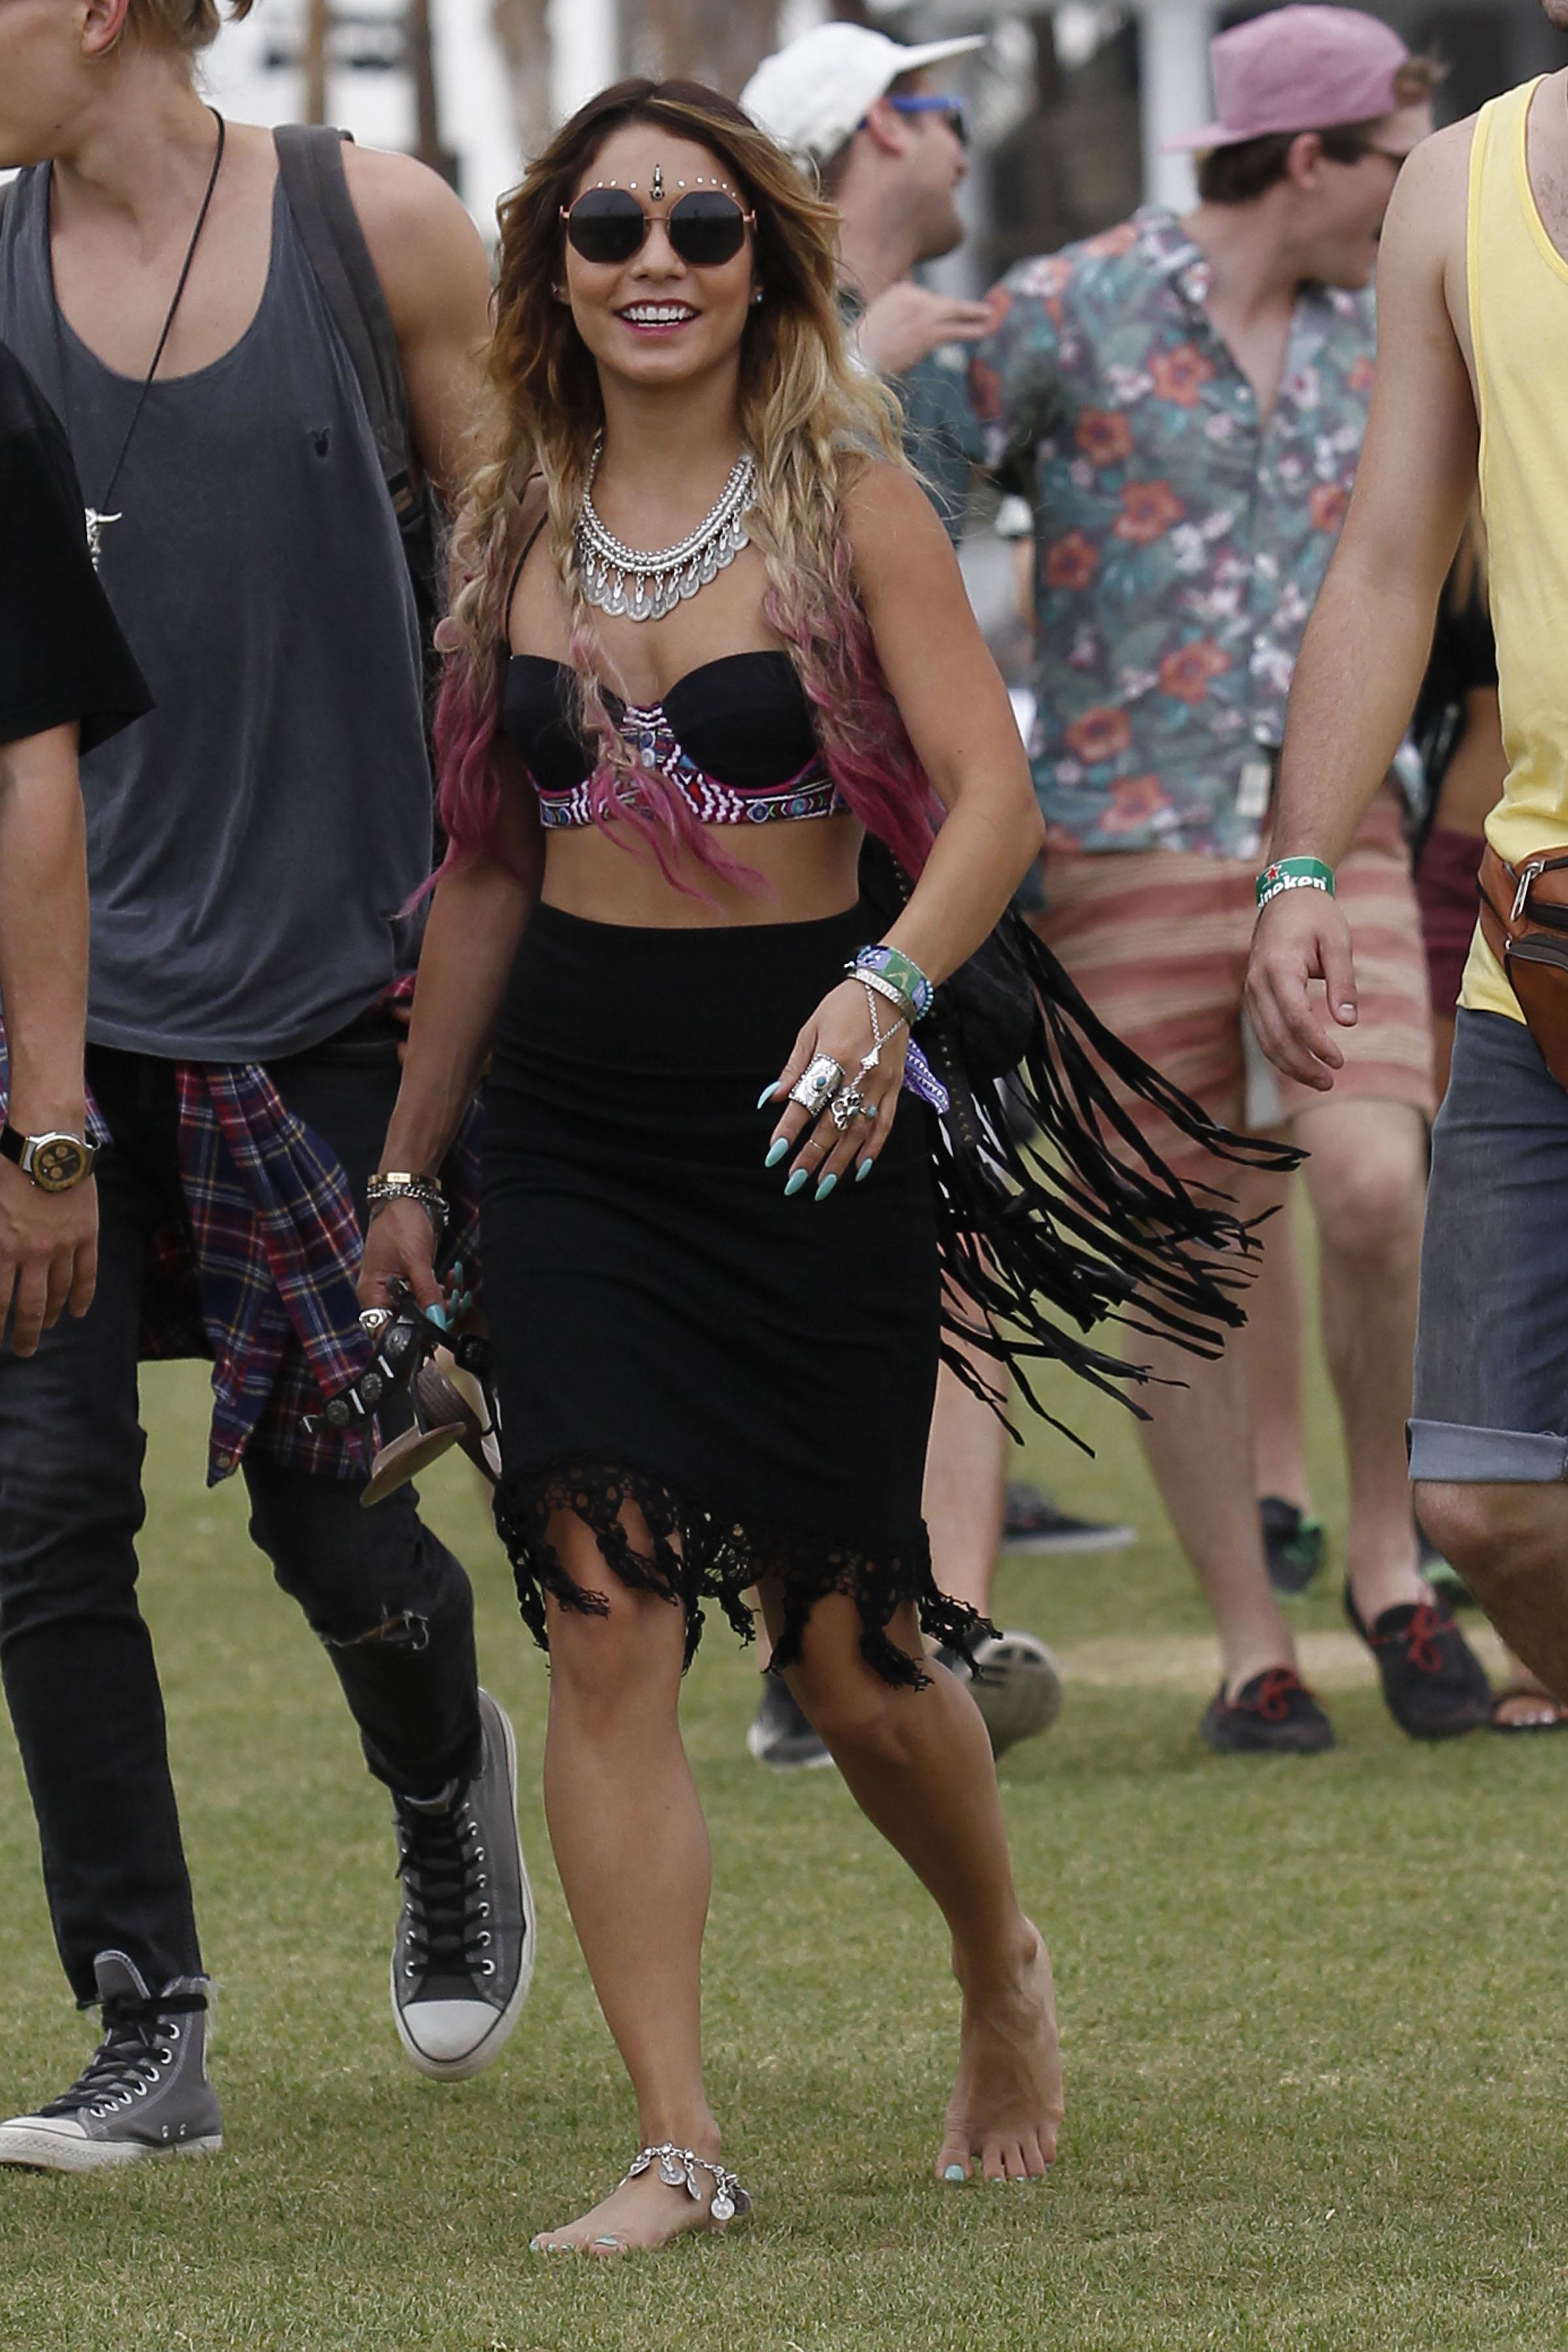 Barefoot Coachella Goddess Vanessa Hudgens Takes On